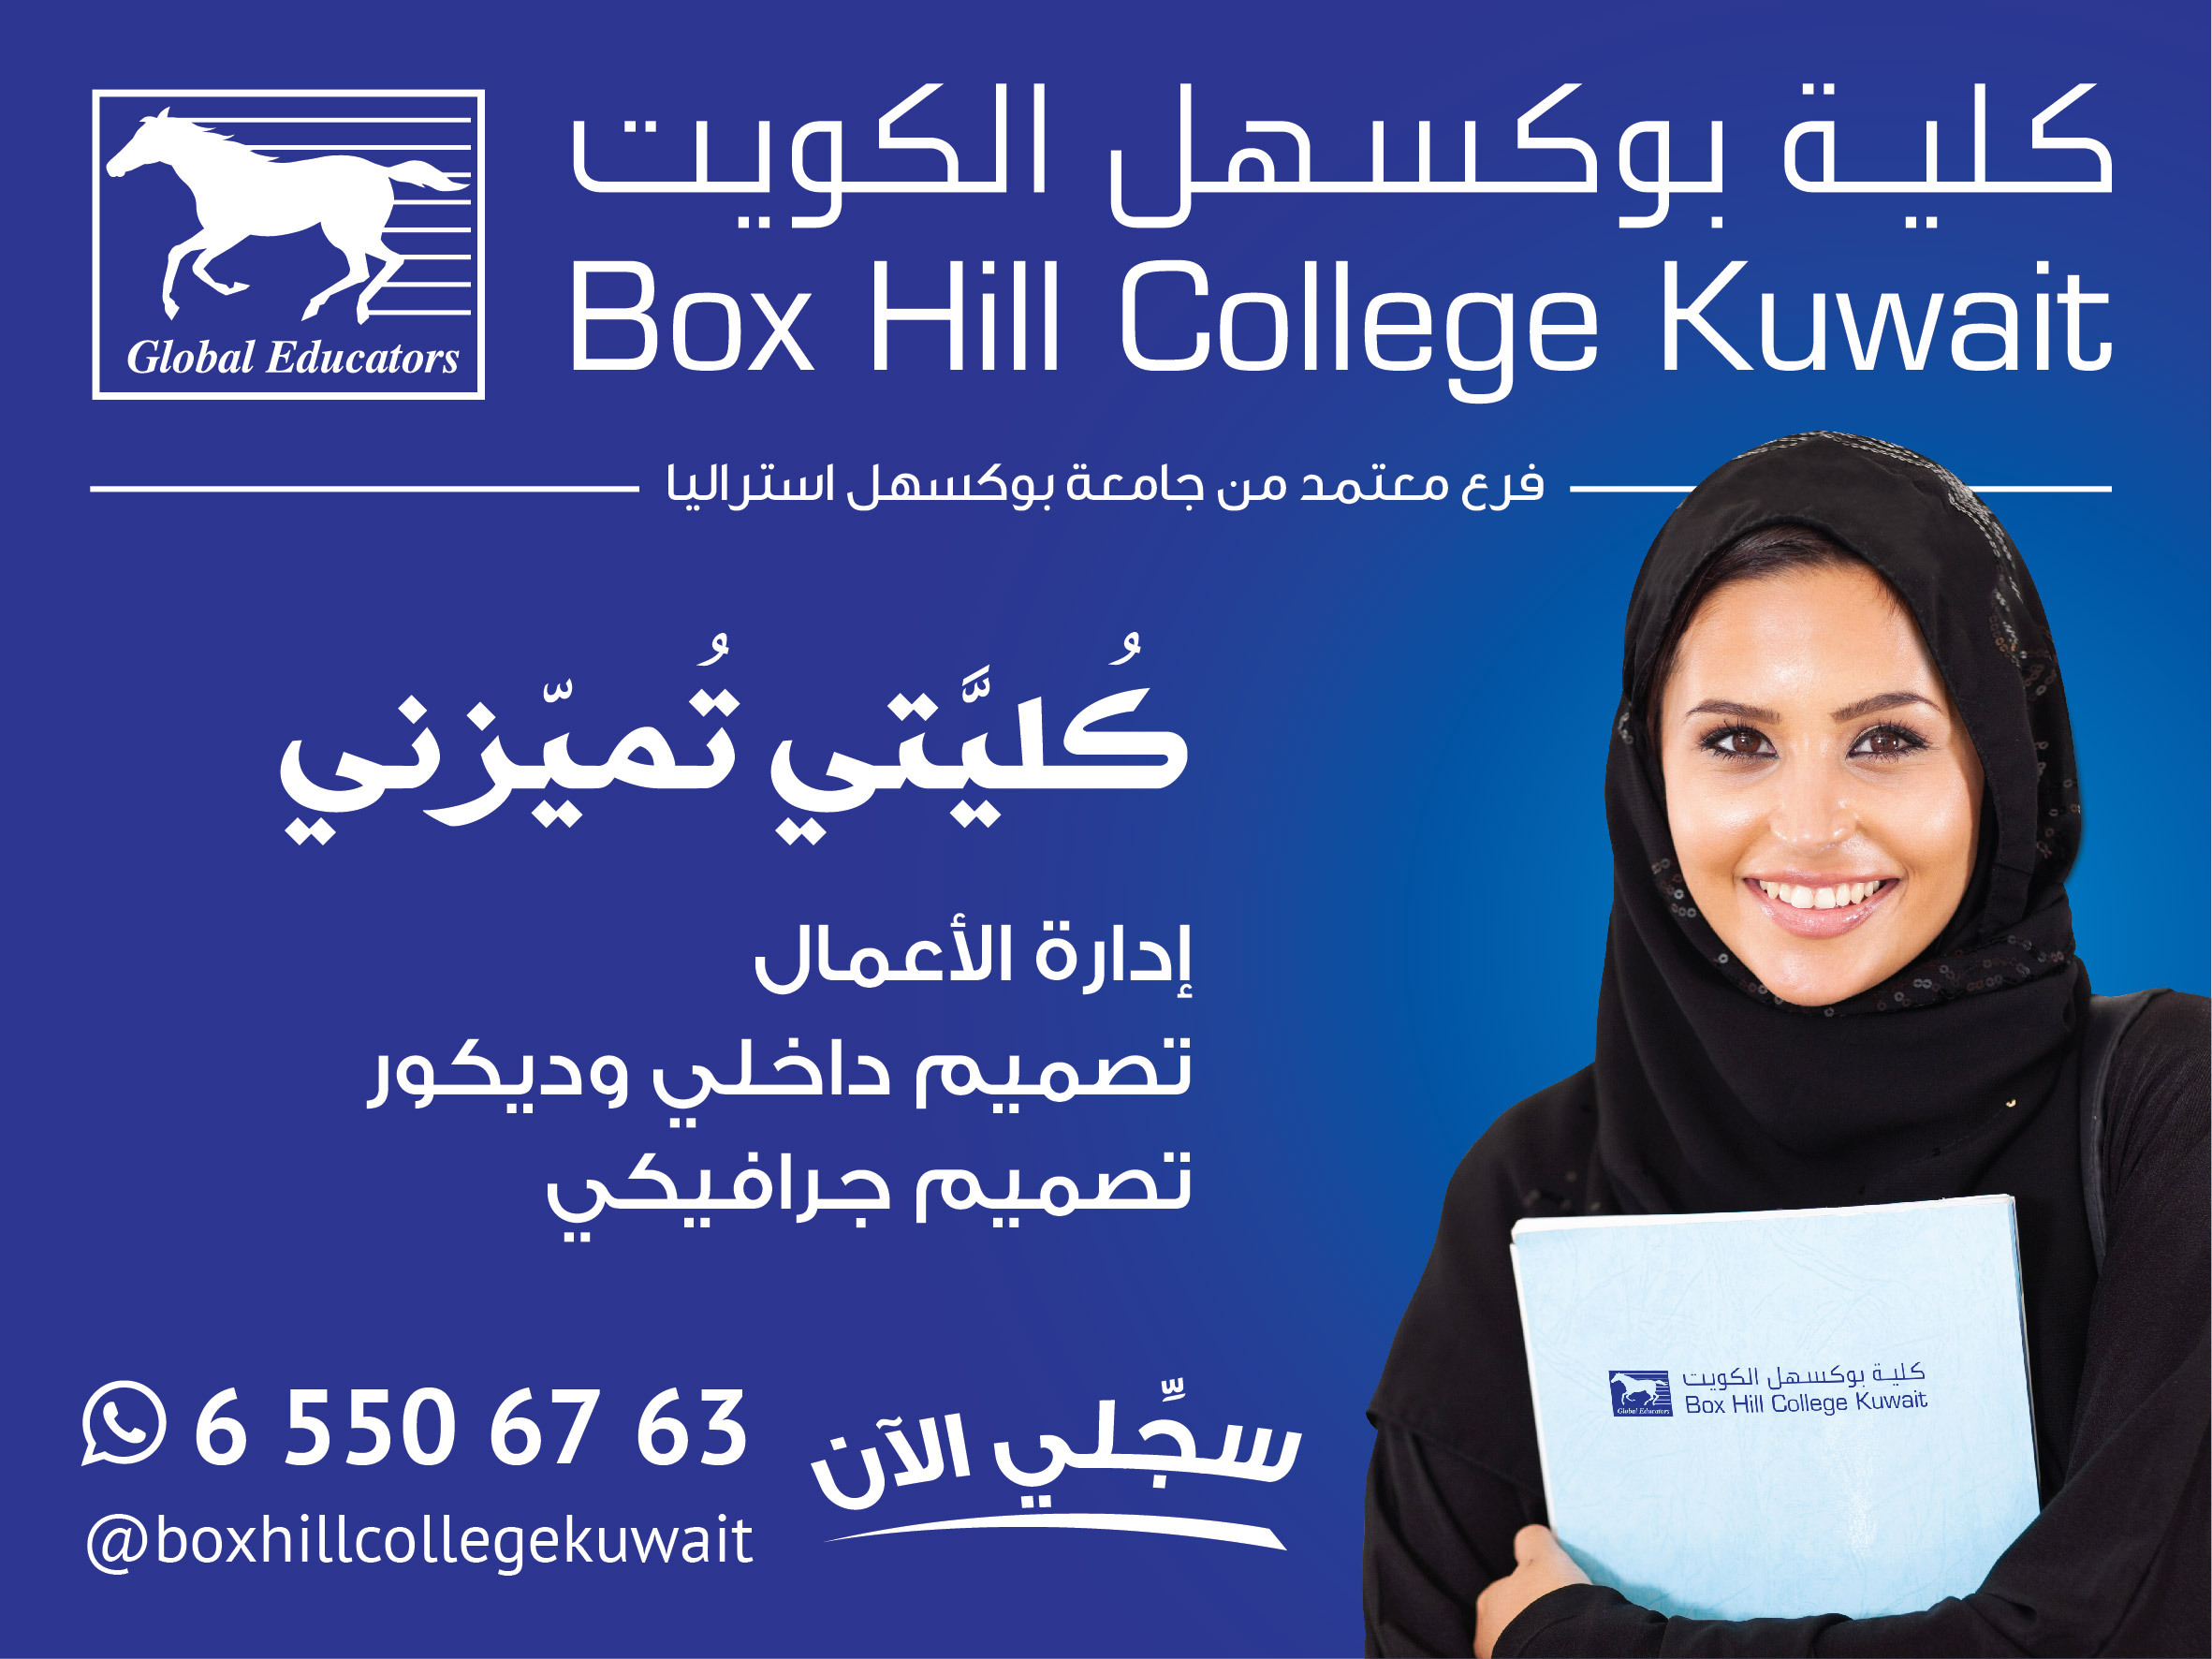 الجامعات الخاصة في الكويت و الاختصاصات المتاحة بها و ترتيبها محلياً و عالمياً للعام 2019.